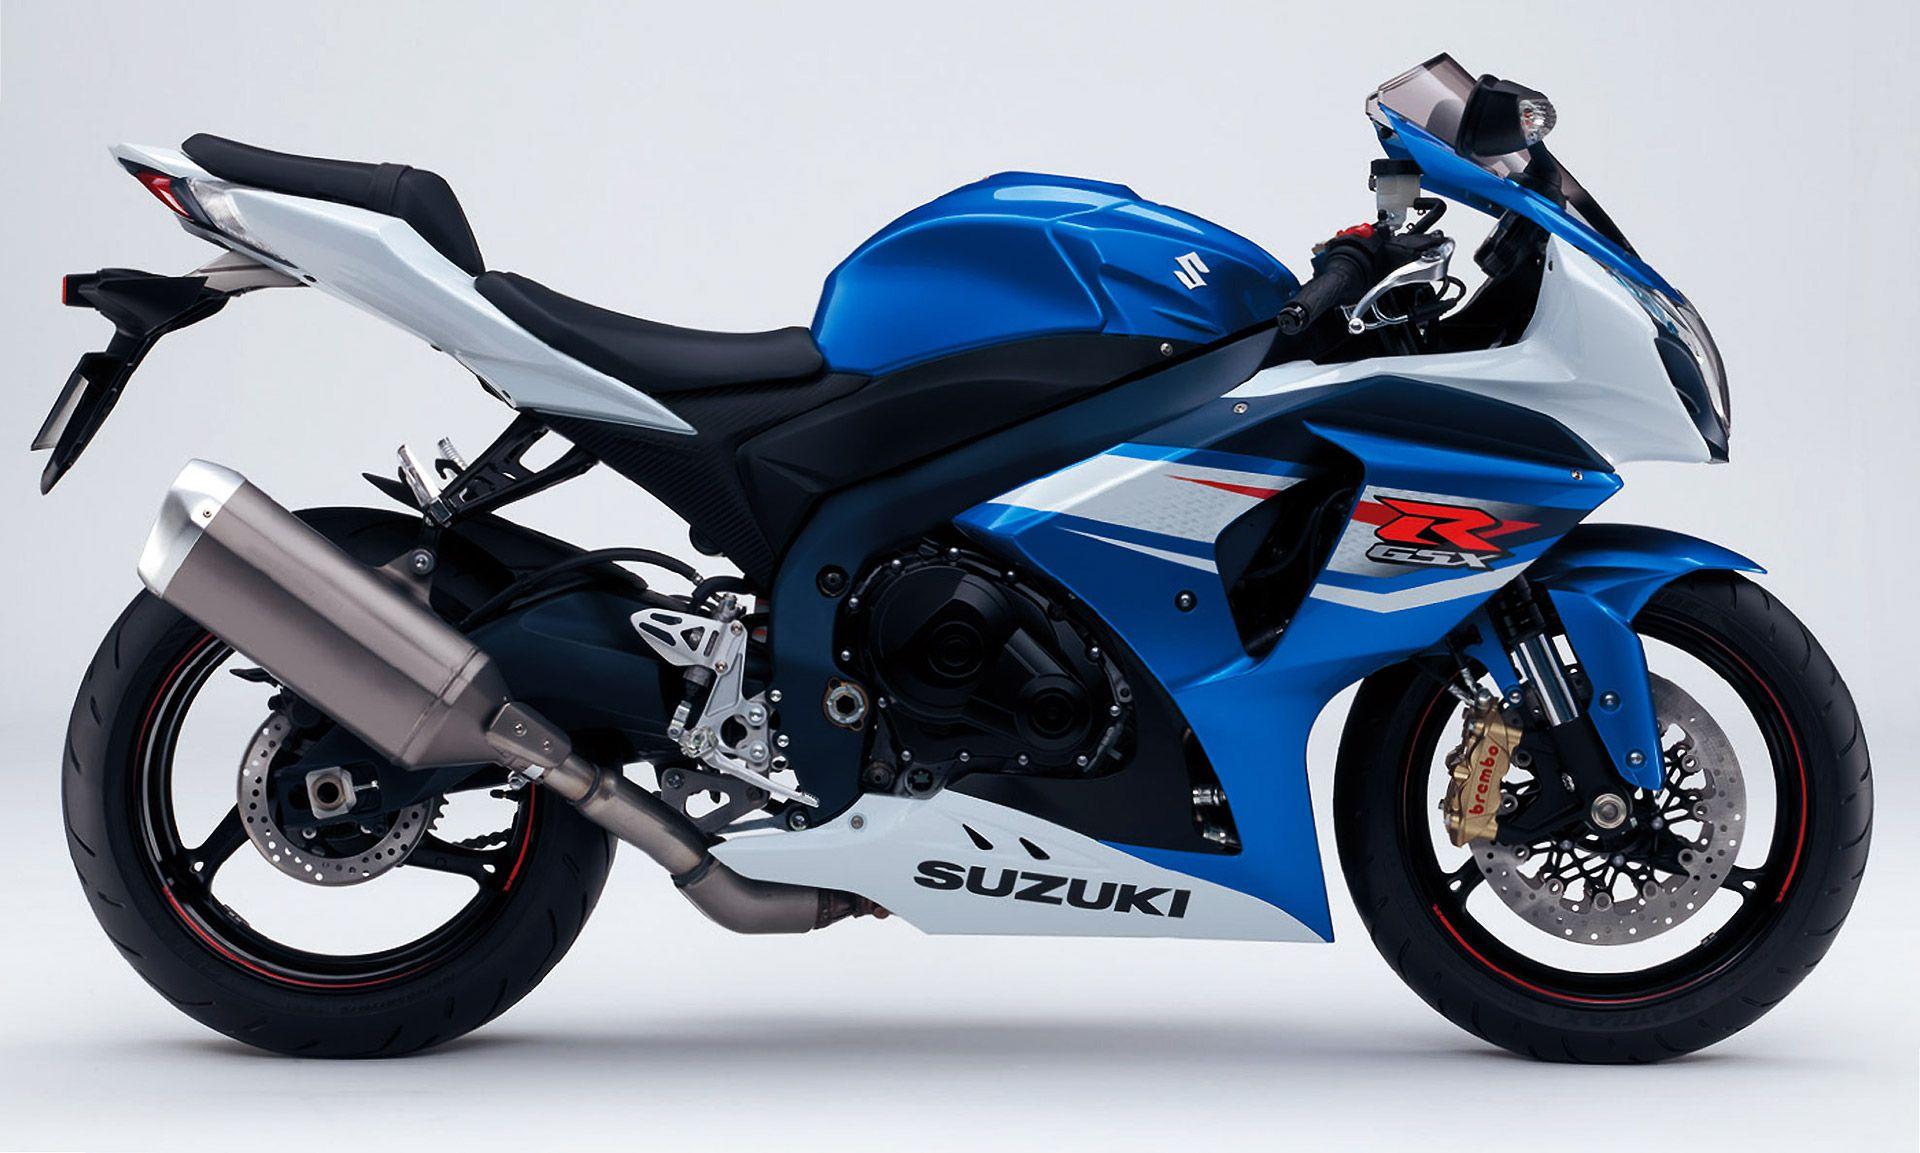 2013 Suzuki Gsx R1000 Specs And Review Luweh Com Suzuki Gsx R 1000 Gsx Suzuki Motos